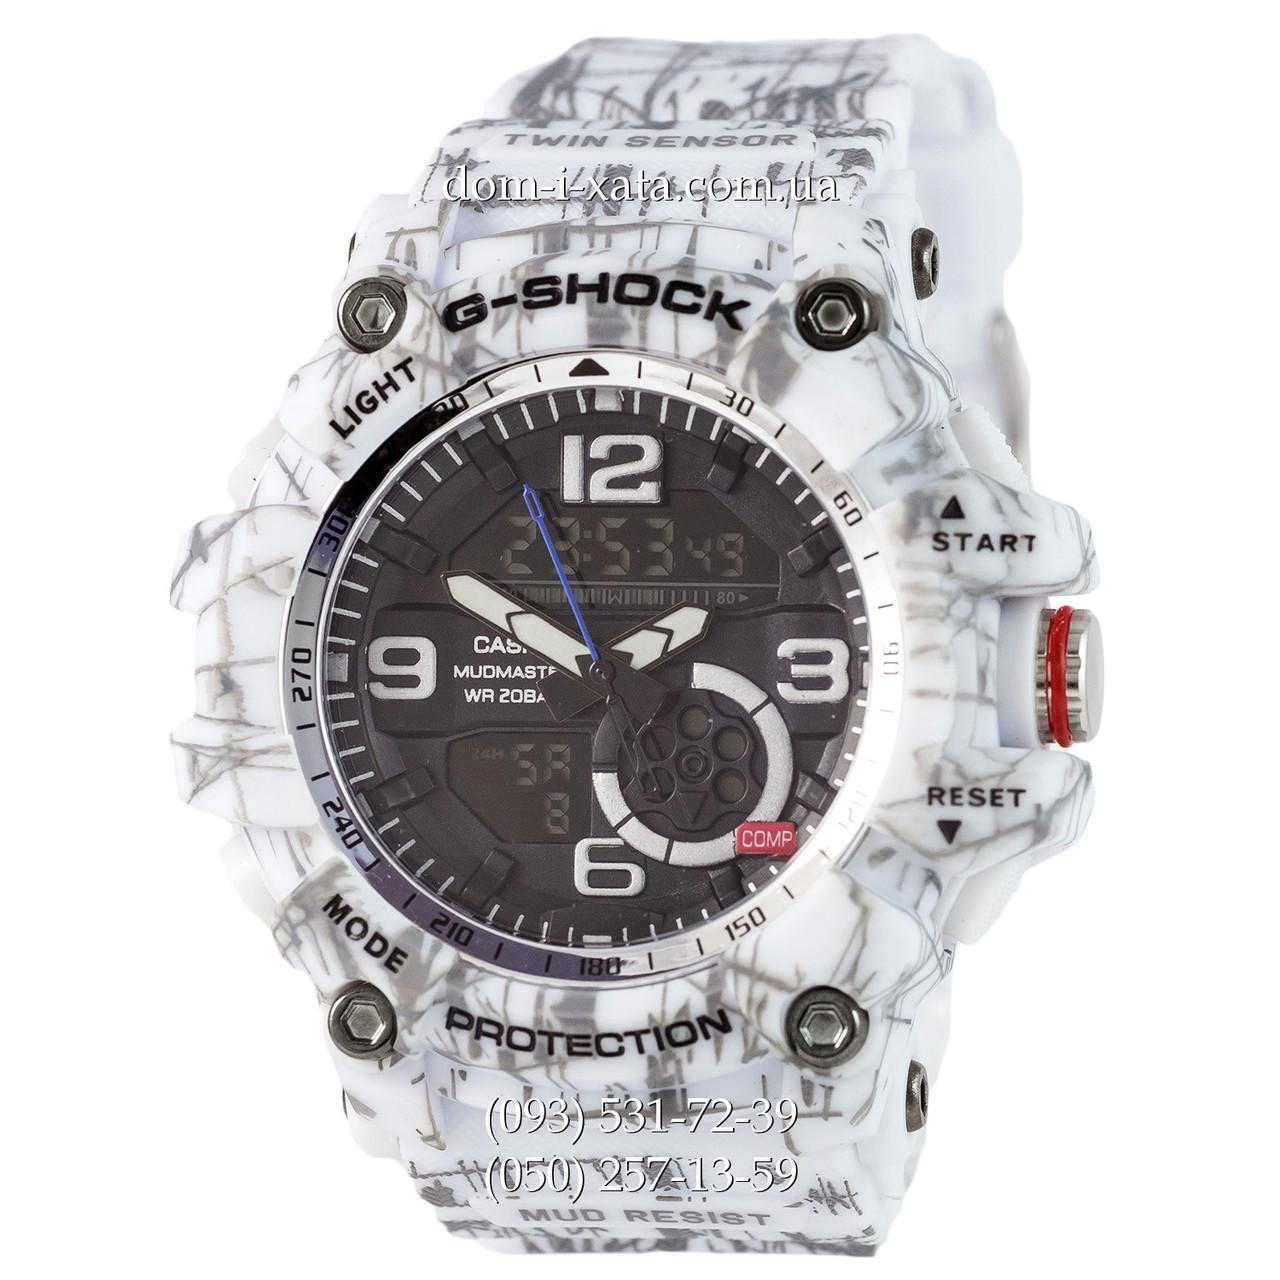 Электронные часы Casio G-Shock GG-1000 Mud-White, спортивные часы Джи Шок белый камуфляж, реплика отличное качество!